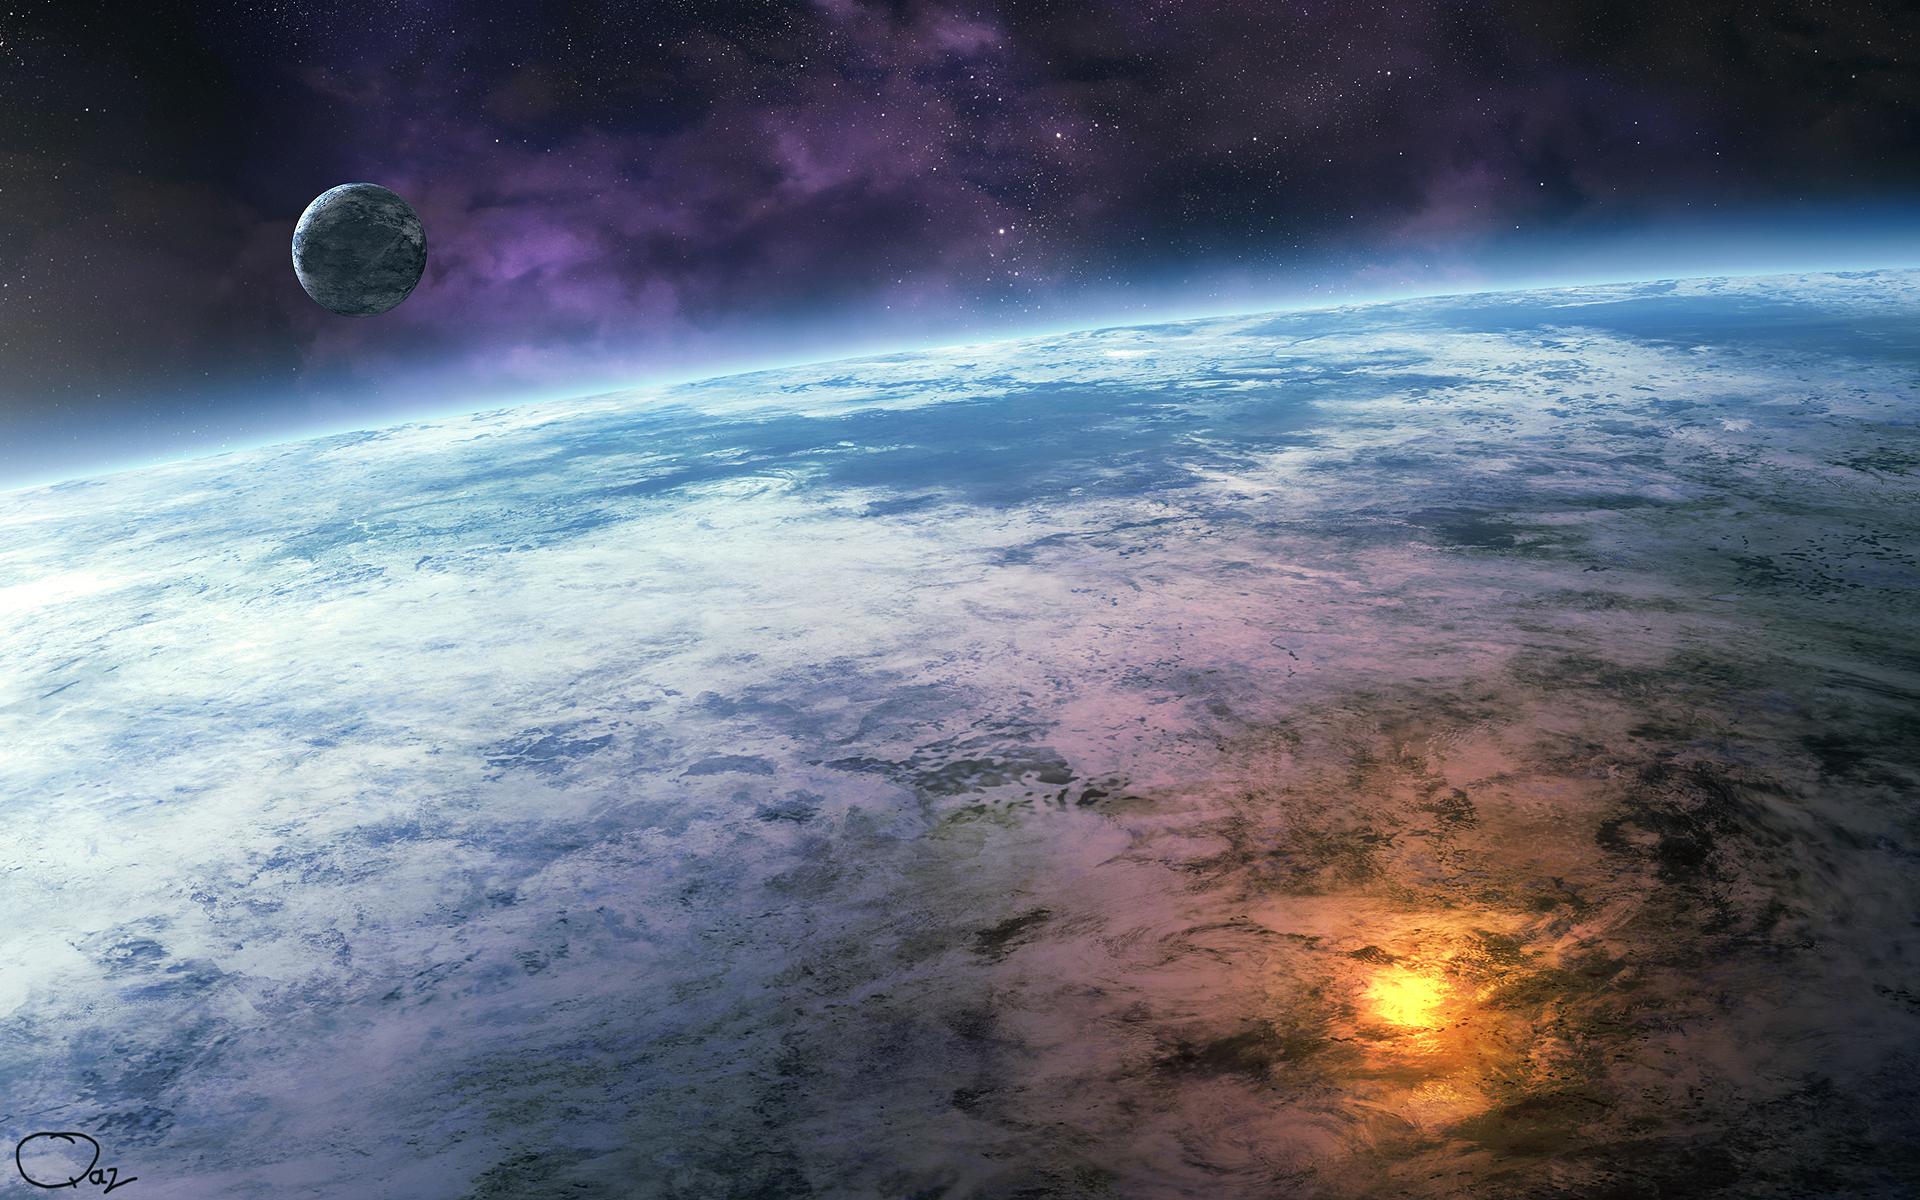 Обои Земля планета космос картинки на рабочий стол на тему Космос - скачать  № 3551650 без смс